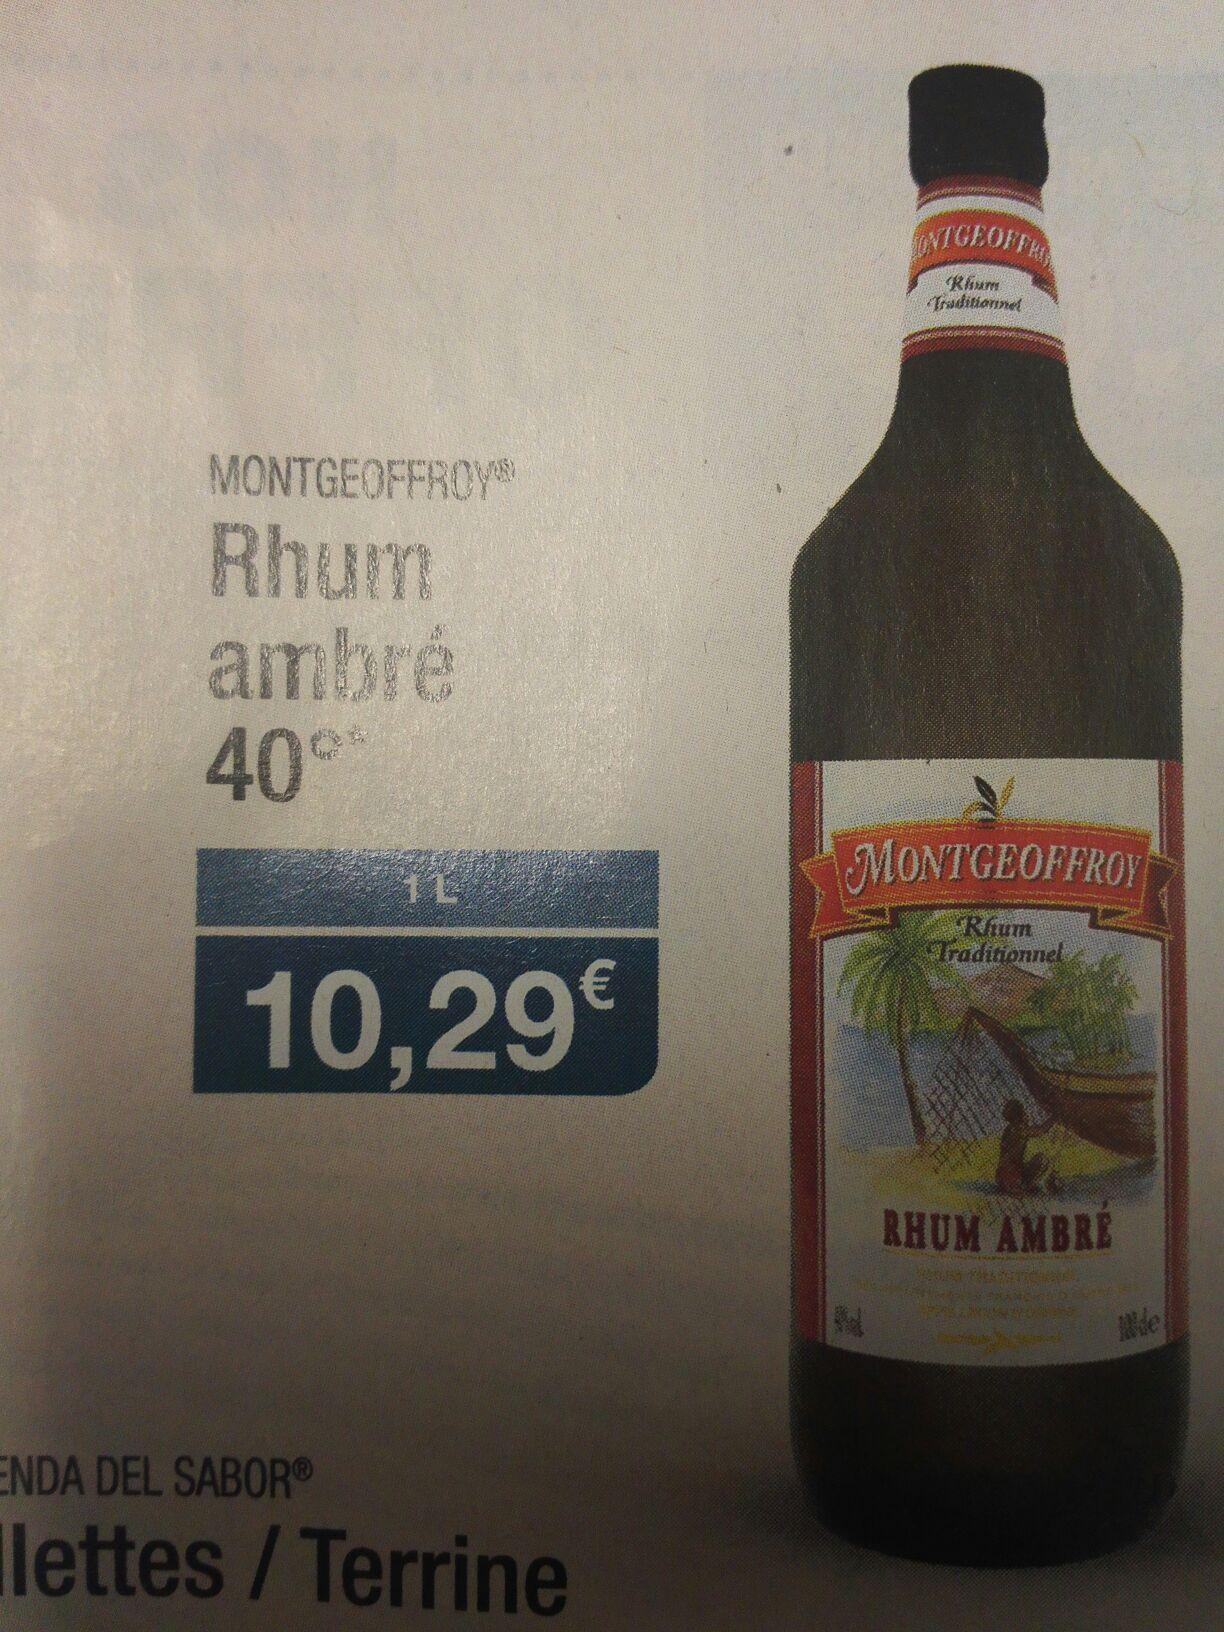 Rhum Ambré Traditionnel 40° Montgeoffroy - 1L